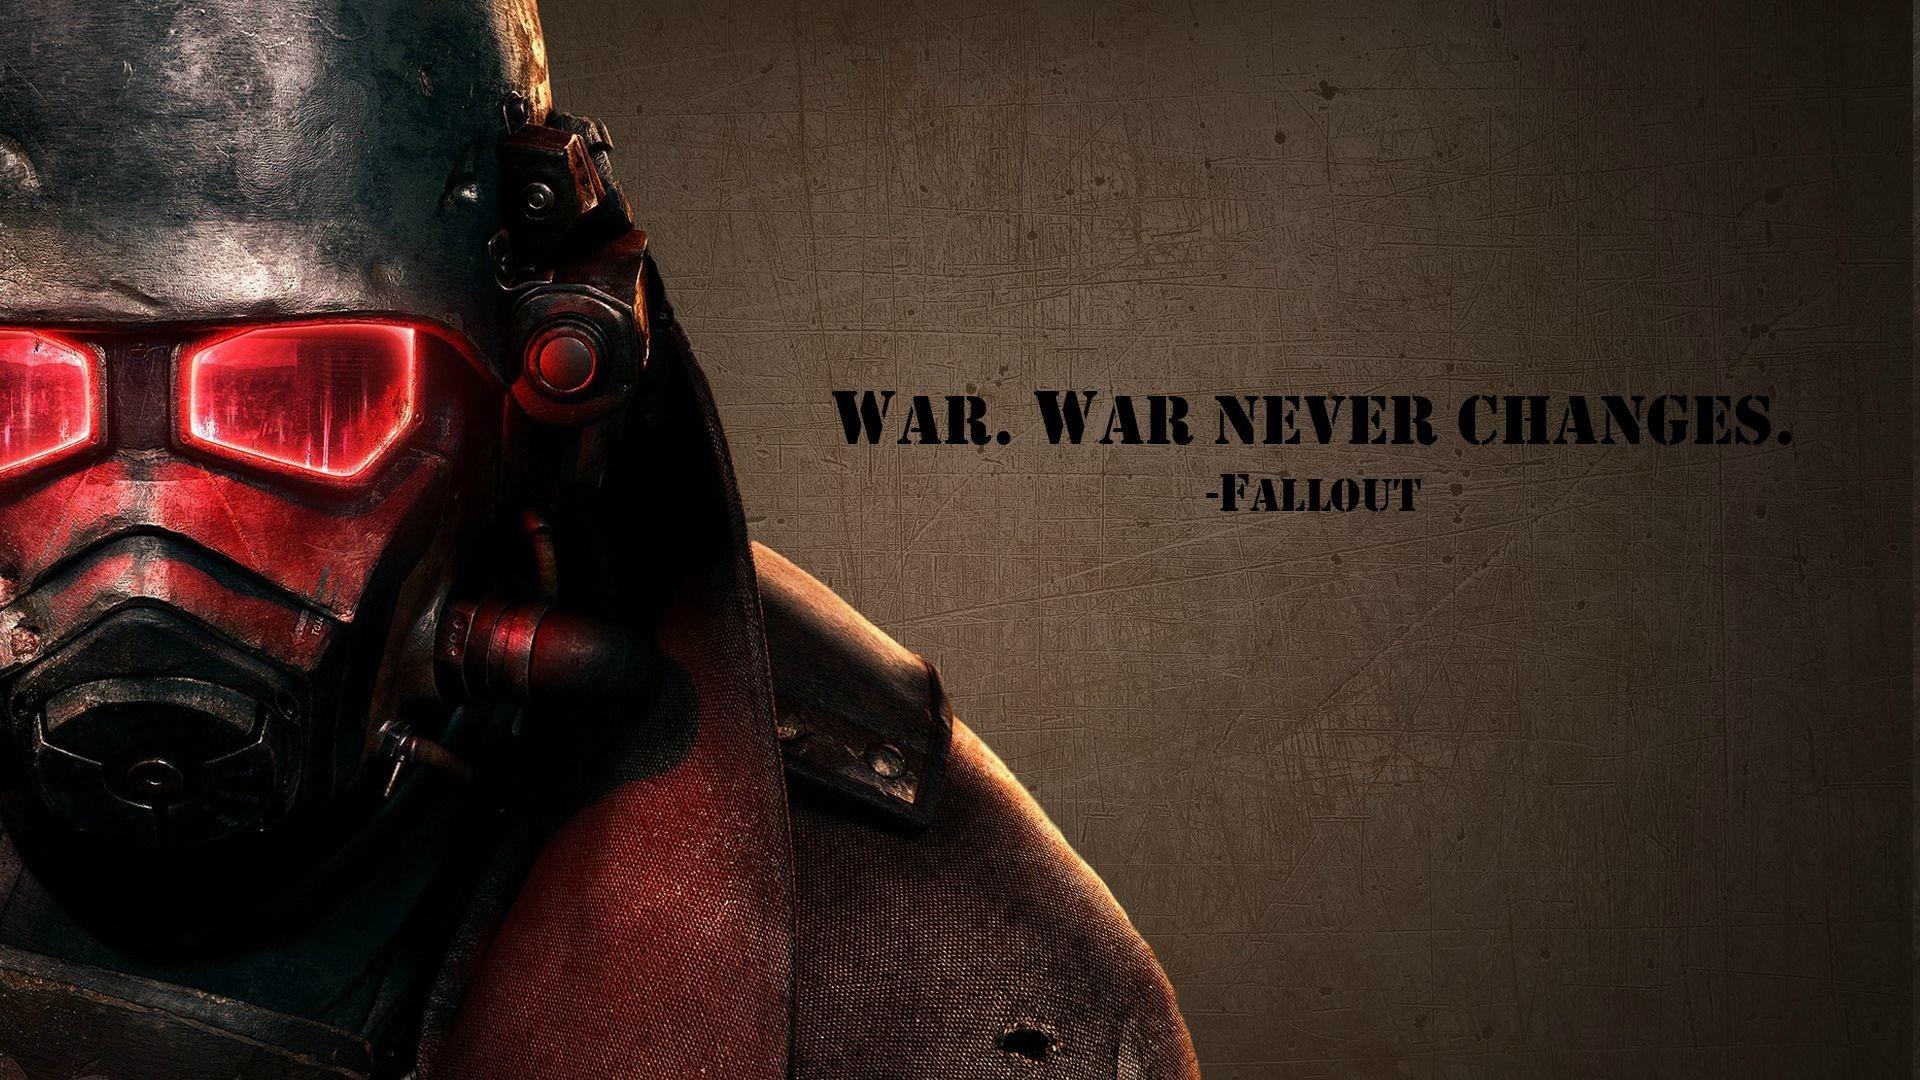 Fallout 4 Wallpaper Fallout War Wallpaper